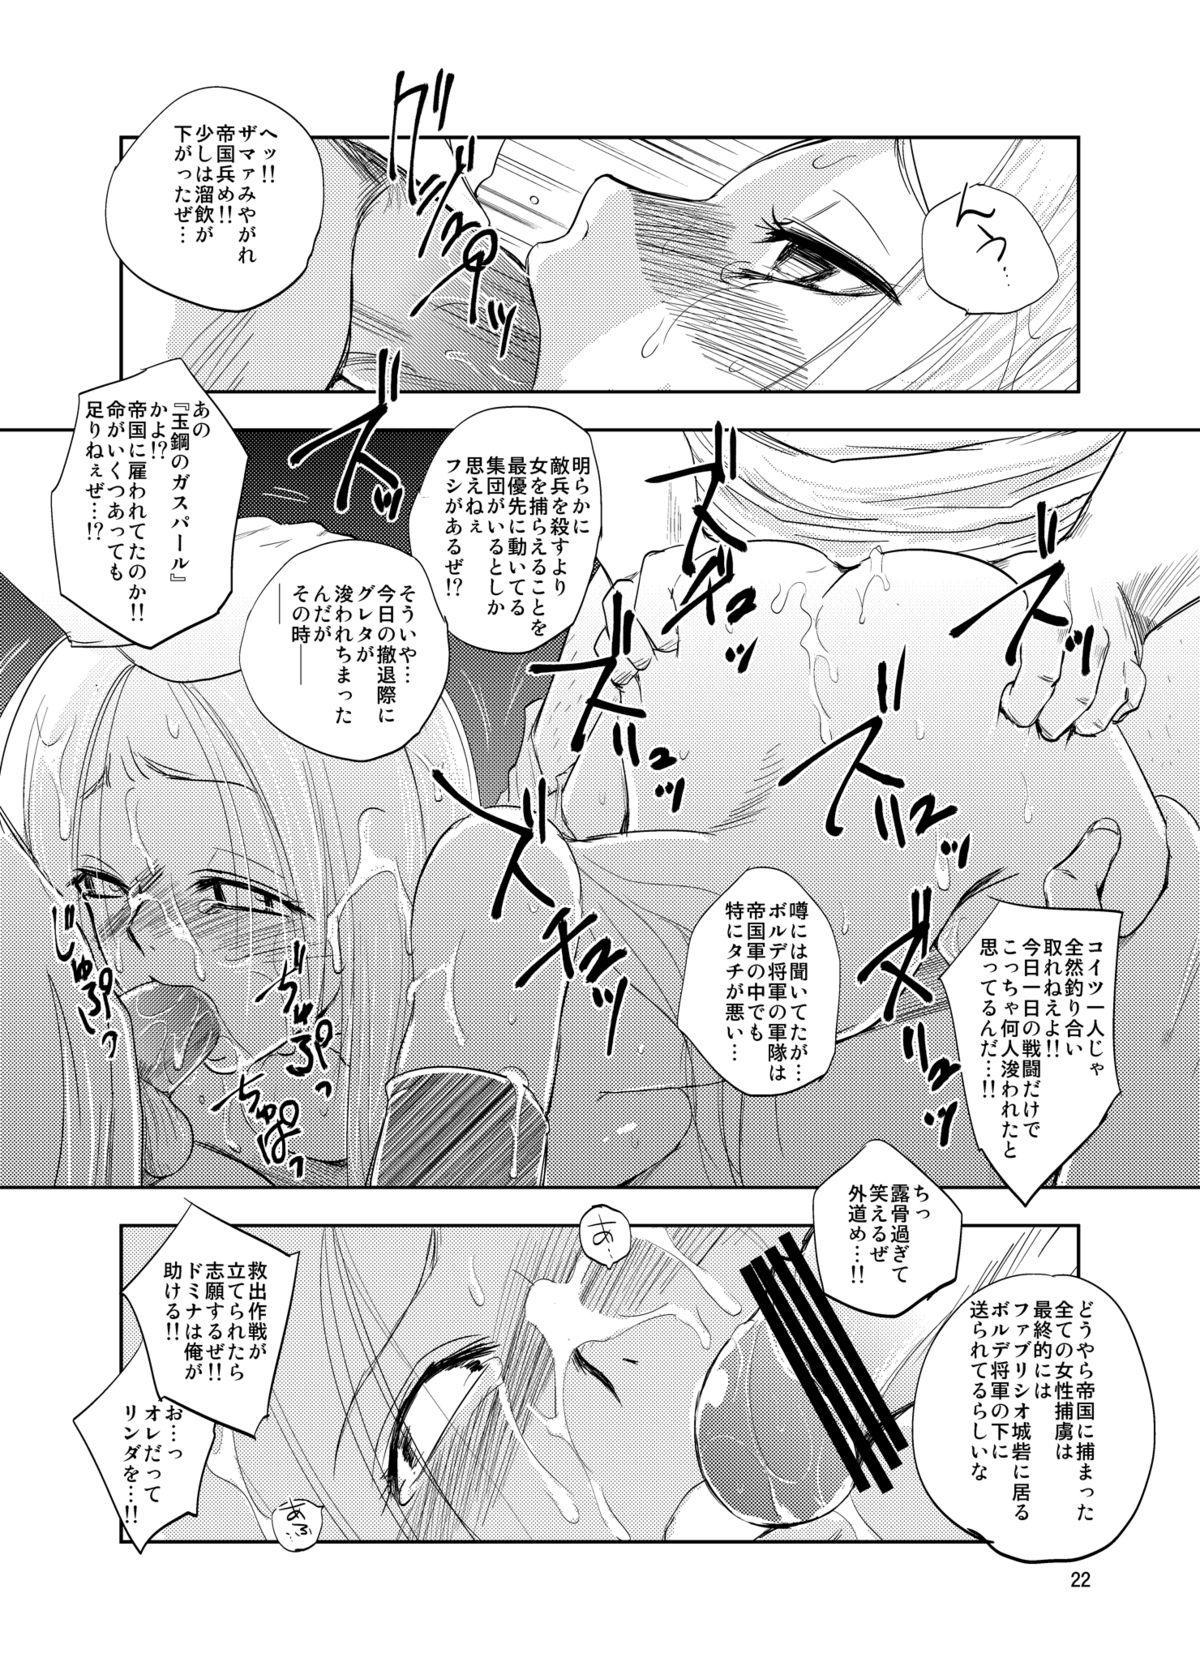 GRASSEN'S WAR ANOTHER STORY Ex #01 Node Shinkou I 21